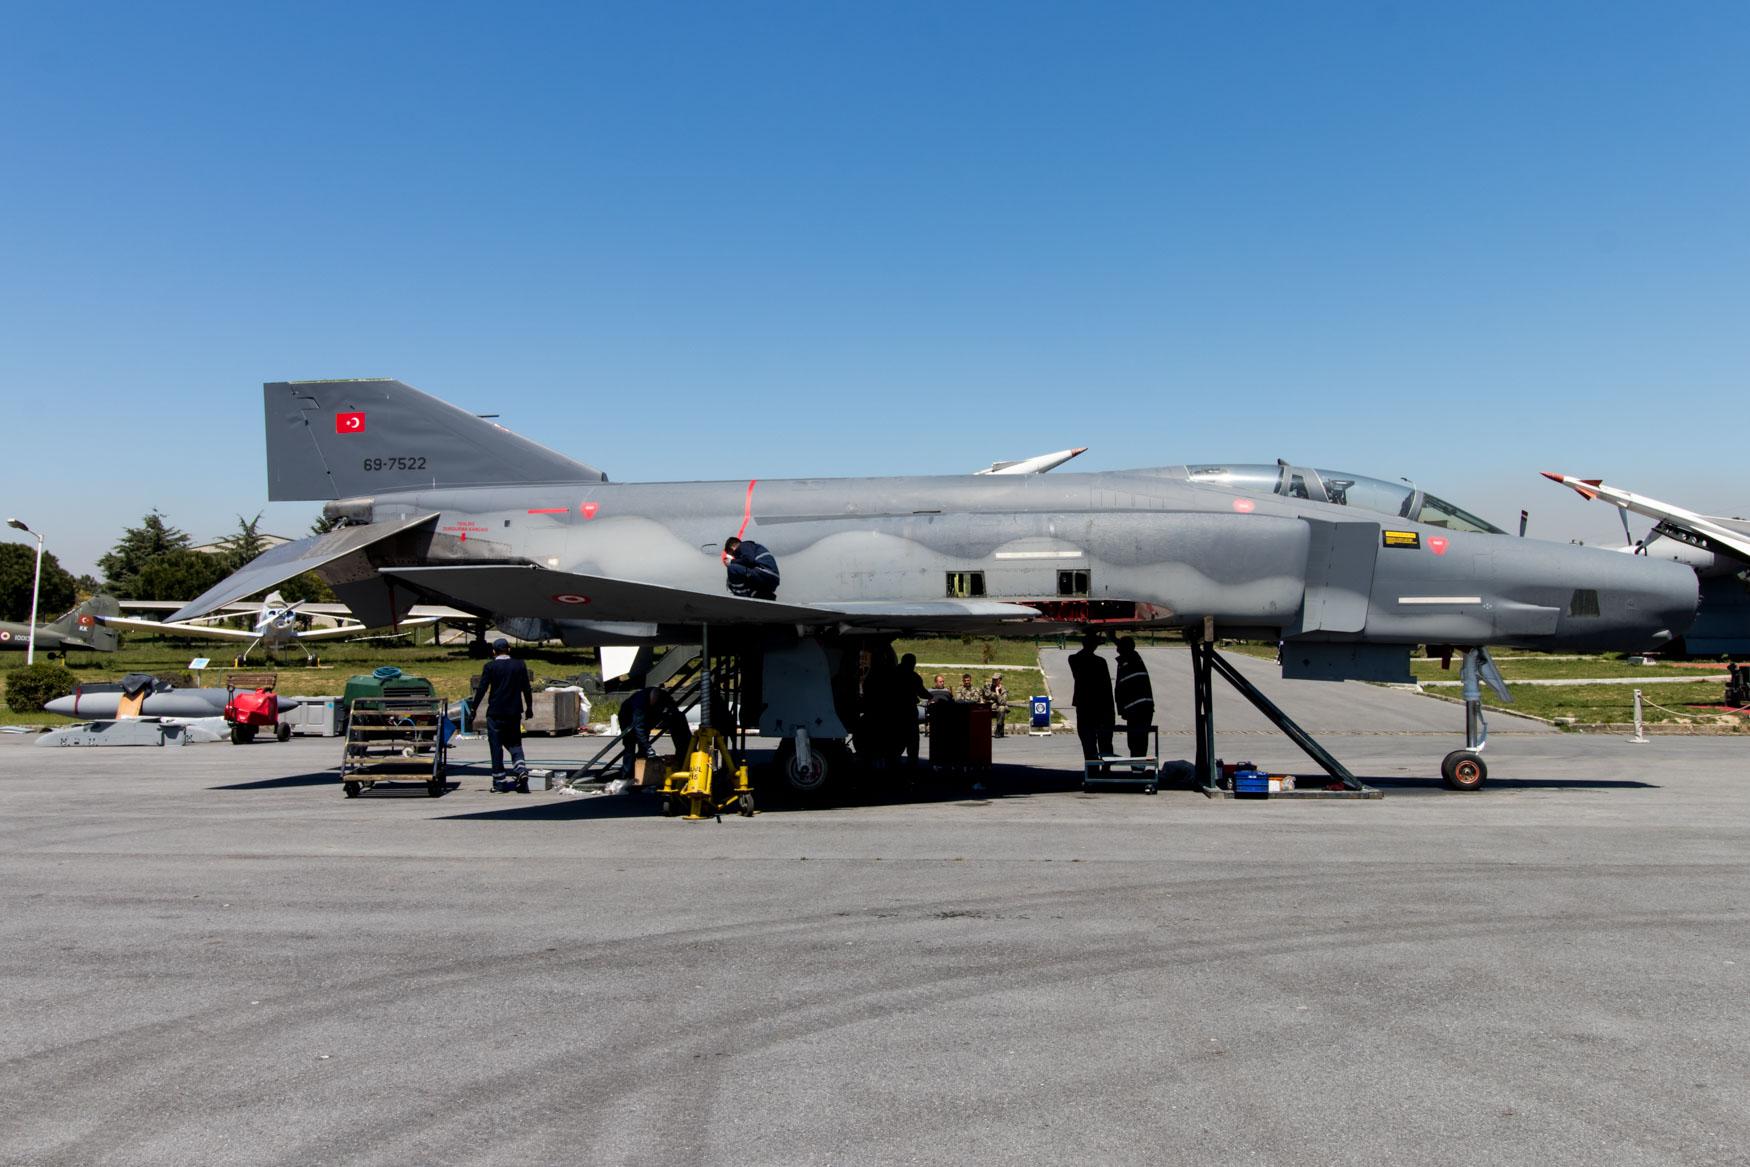 McDonnell Douglas RF-4E Phantom II